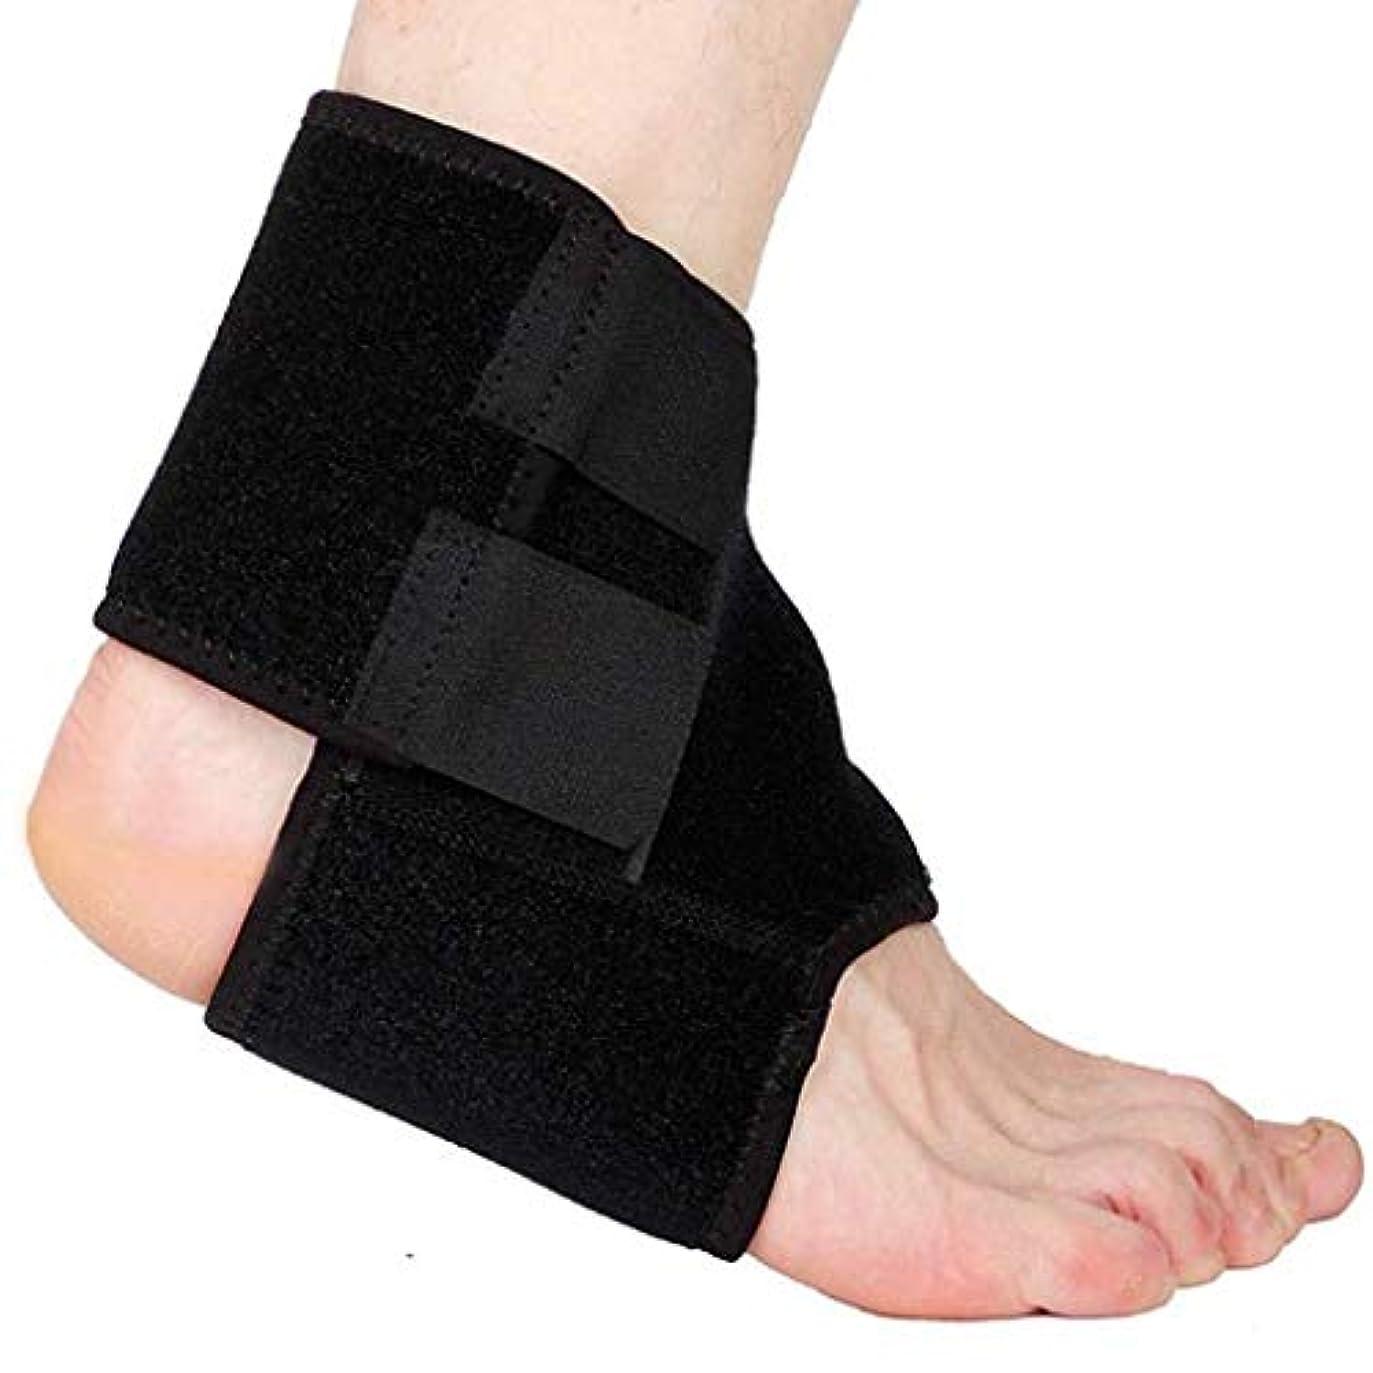 武装解除偶然相手足首サポート調節可能な足首ブレース通気性のあるナイロン素材伸縮性があり快適な1サイズスポーツに最適慢性的な足首の捻Sp疲労からの保護